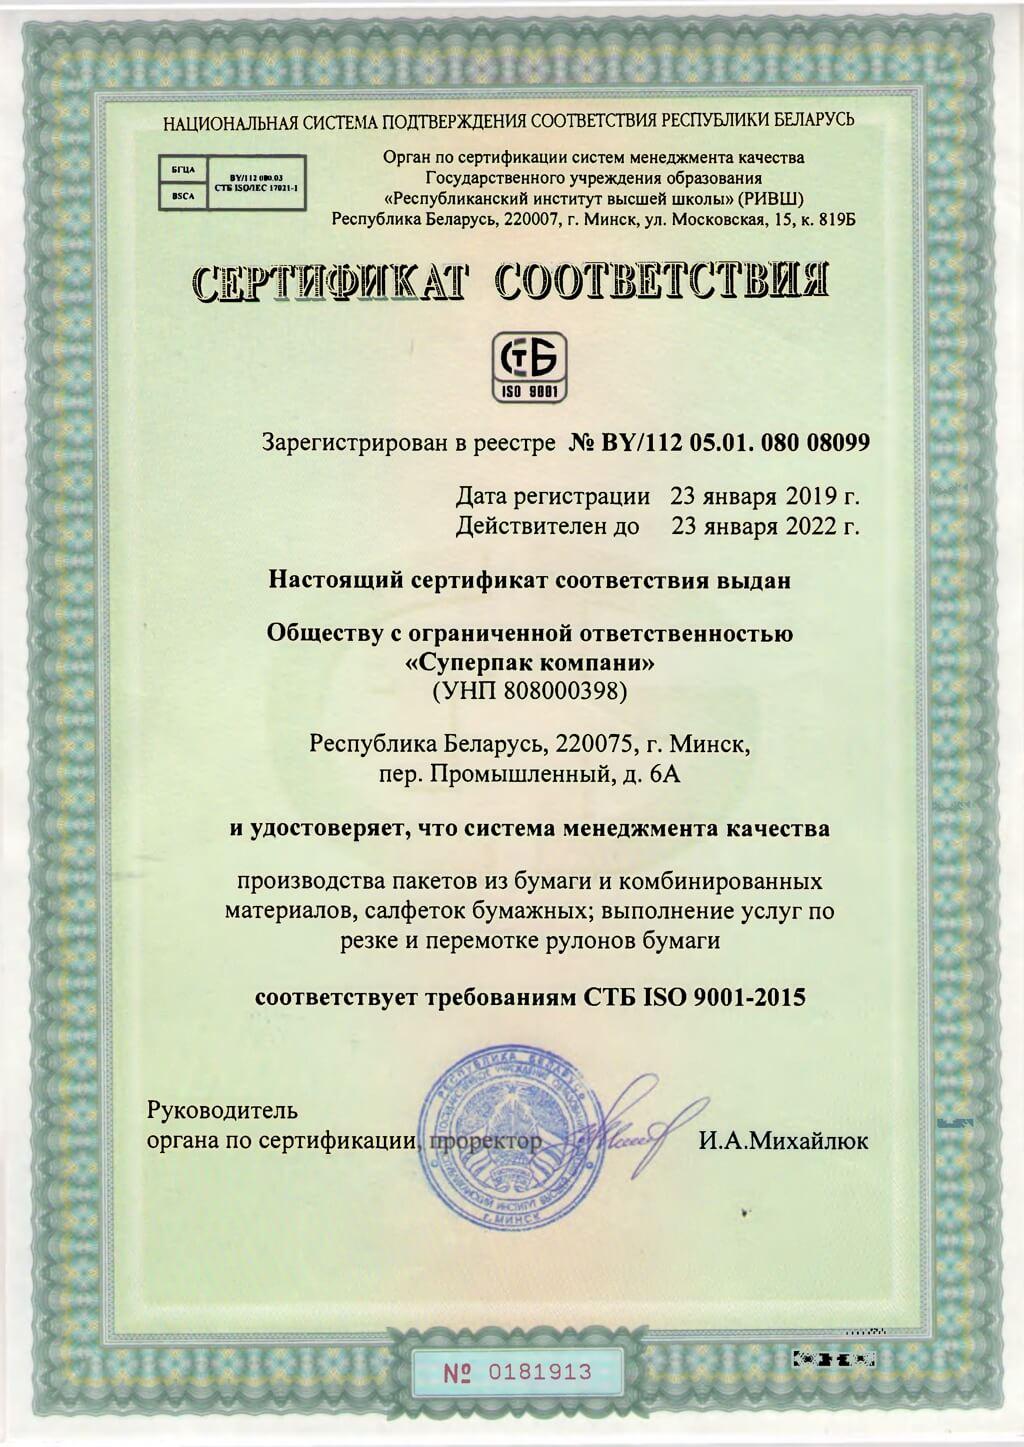 sertifikat sootvetstvija stb iso 9001 2015